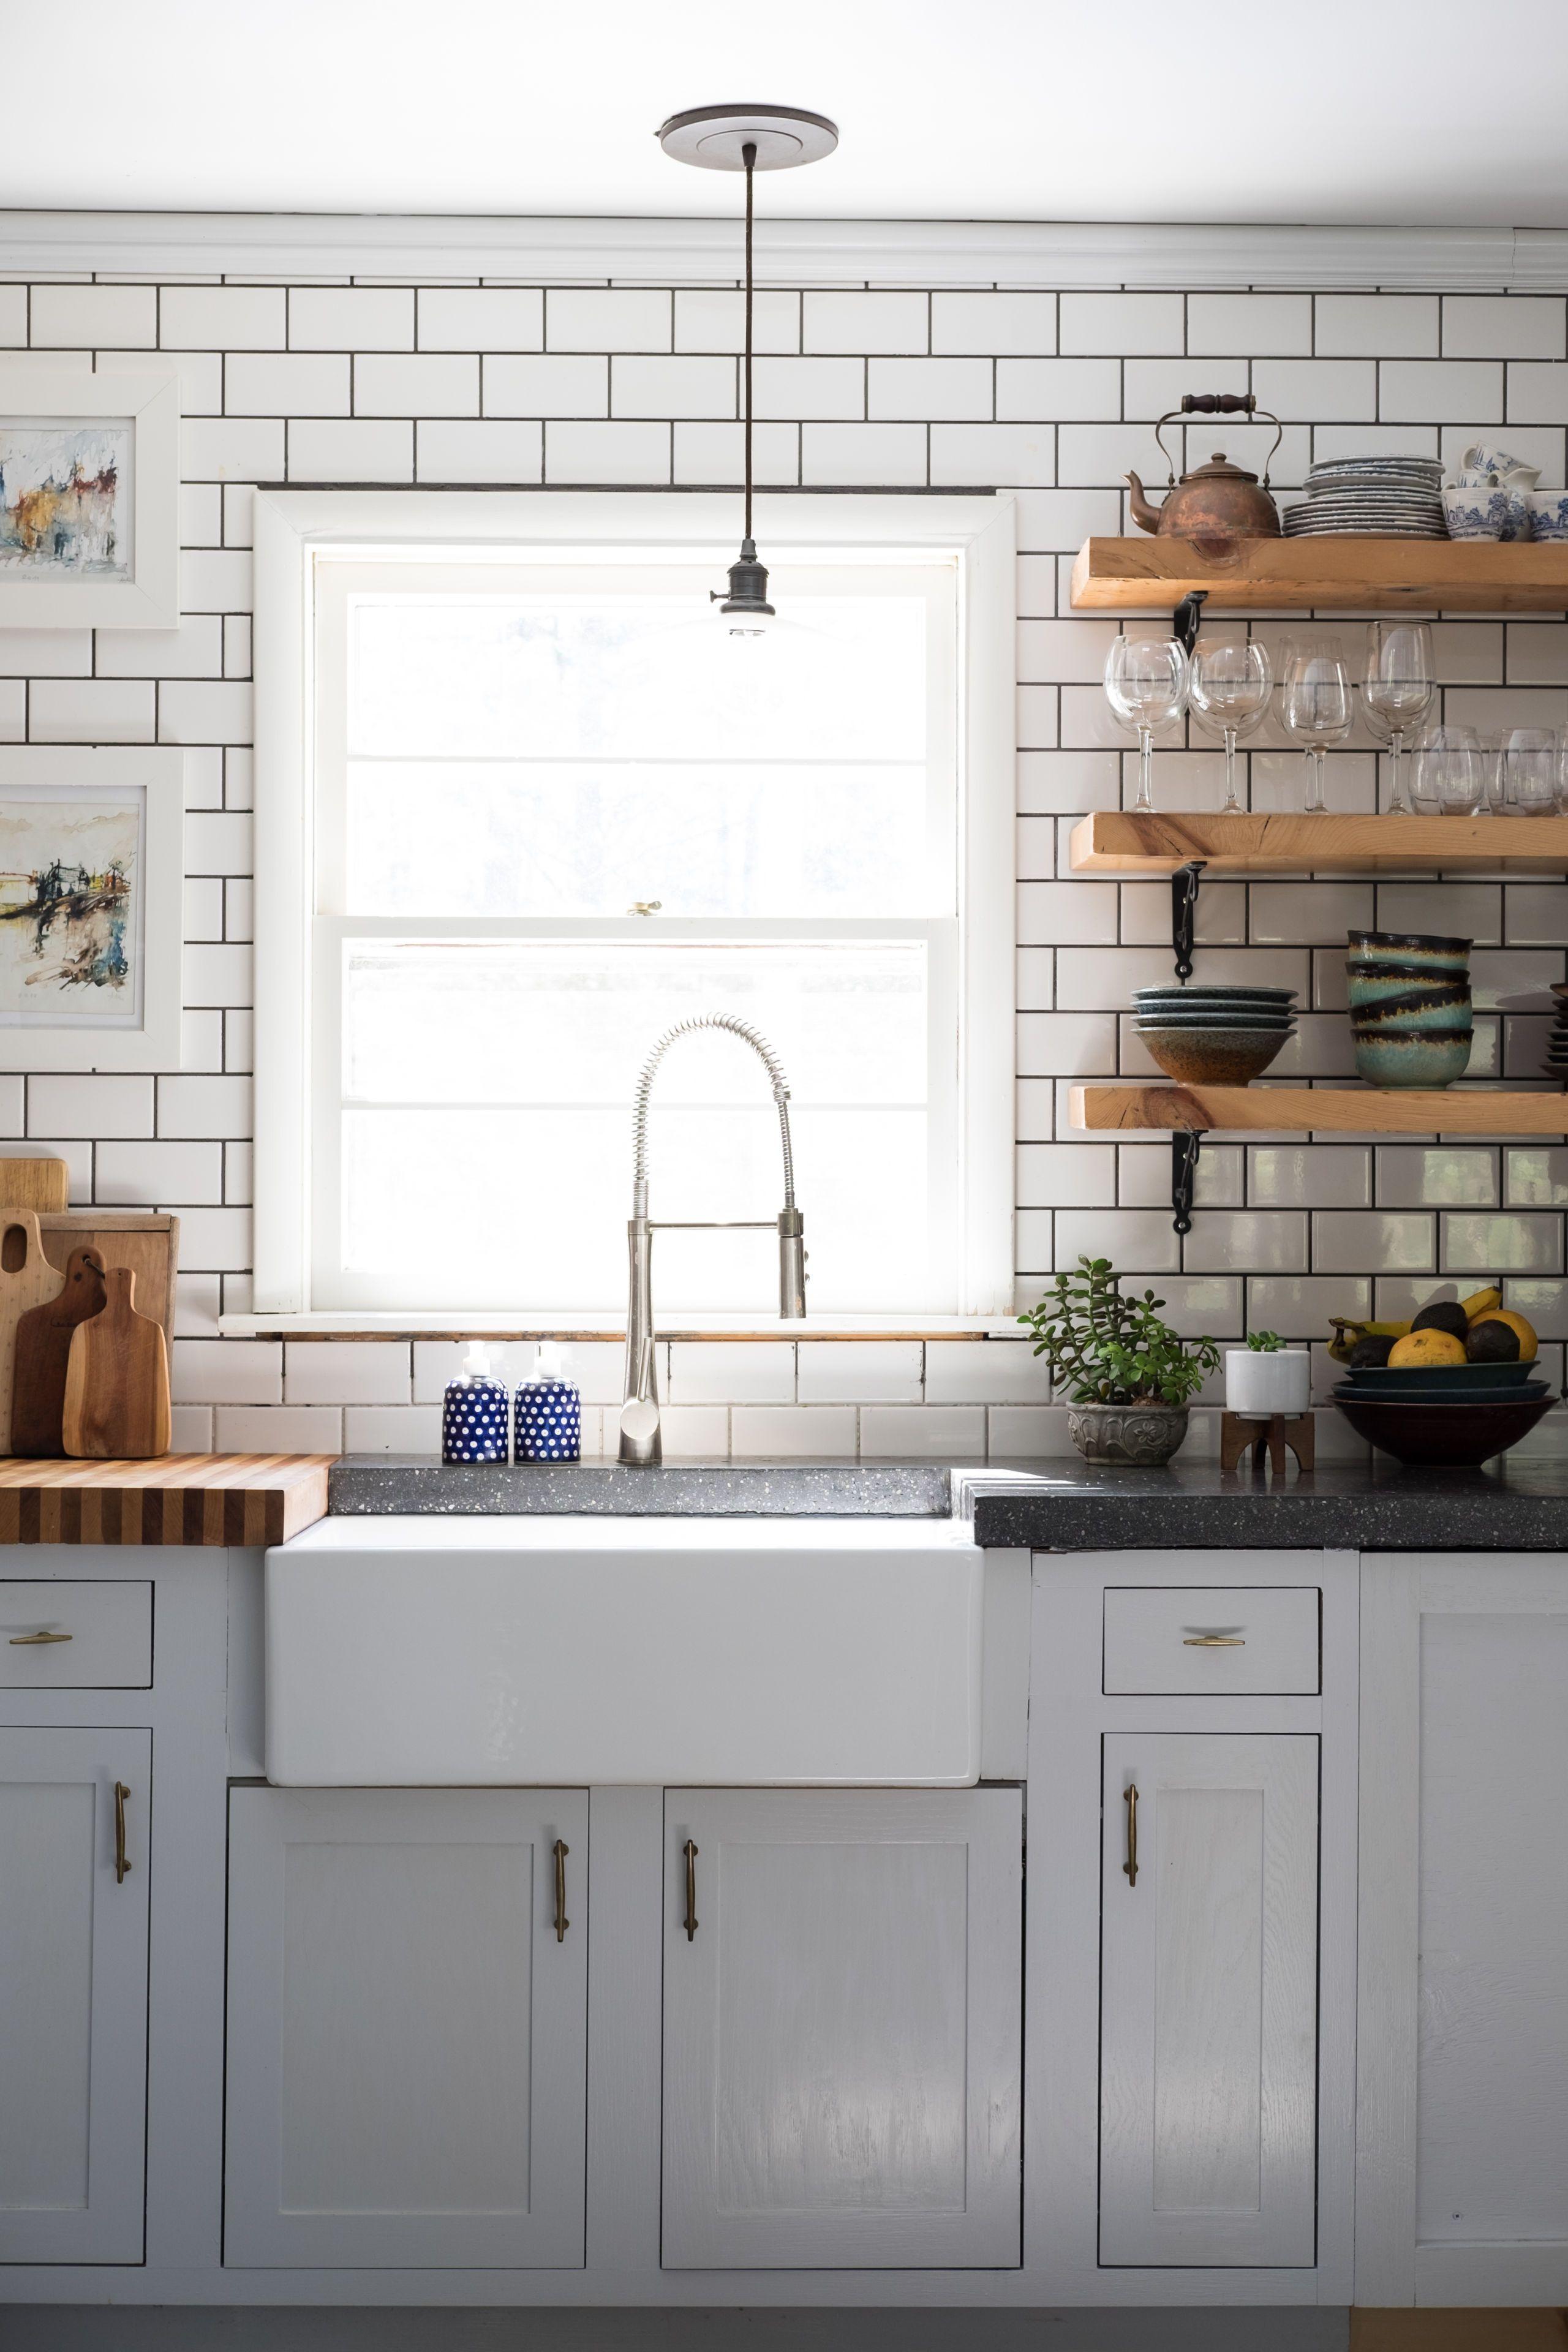 Küchendesign grau und weiß made of cloth textiles kitchen   kitchendesign  pinterest